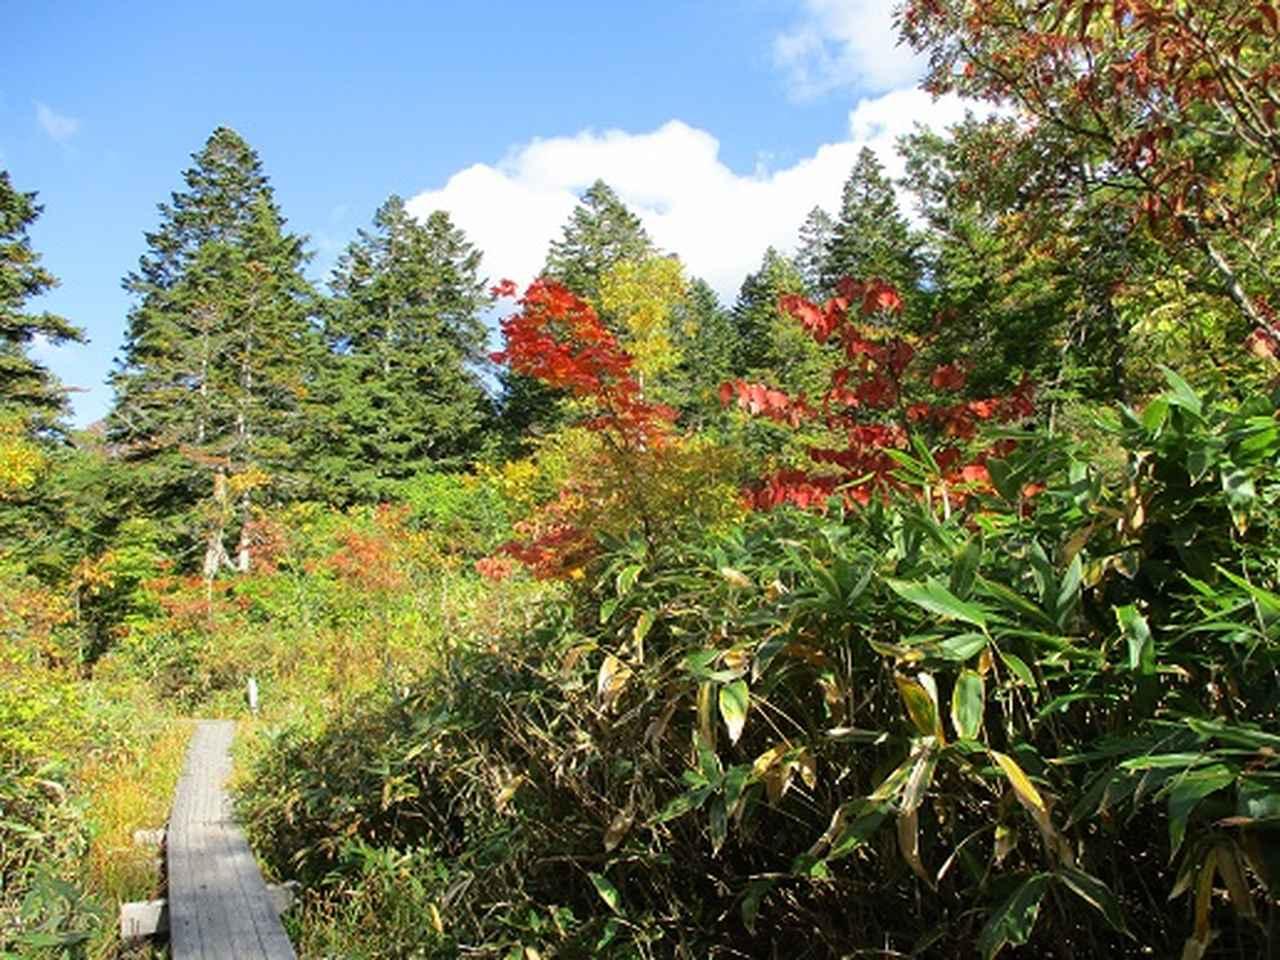 画像10: 【山旅会・登山ガイドこだわりツアー】岡田ガイドからの便り・尾瀬燧裏林道ツアーの下見にいってまいりました!